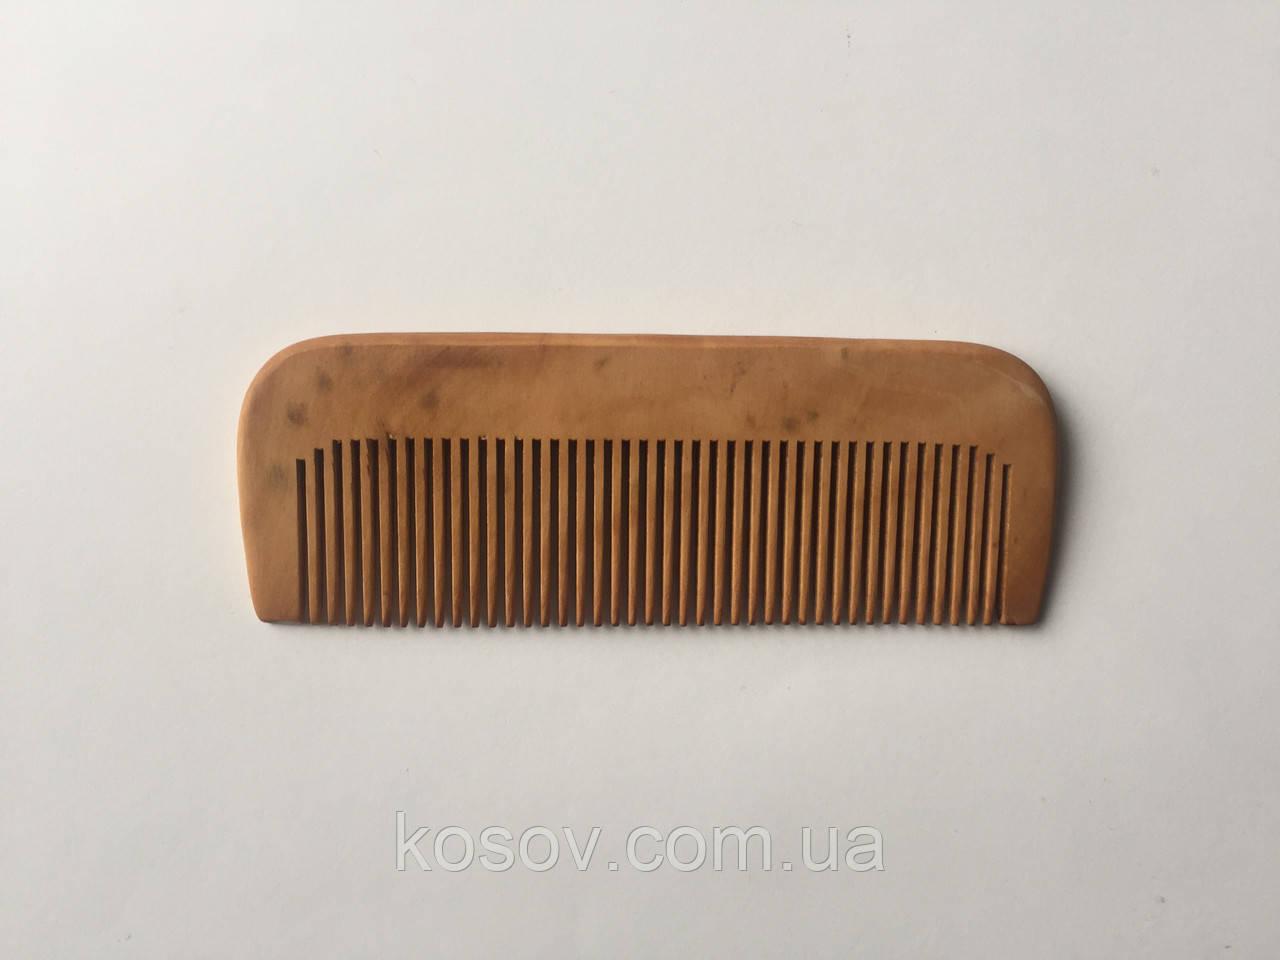 Деревянная расческа 14х5см (прямая)